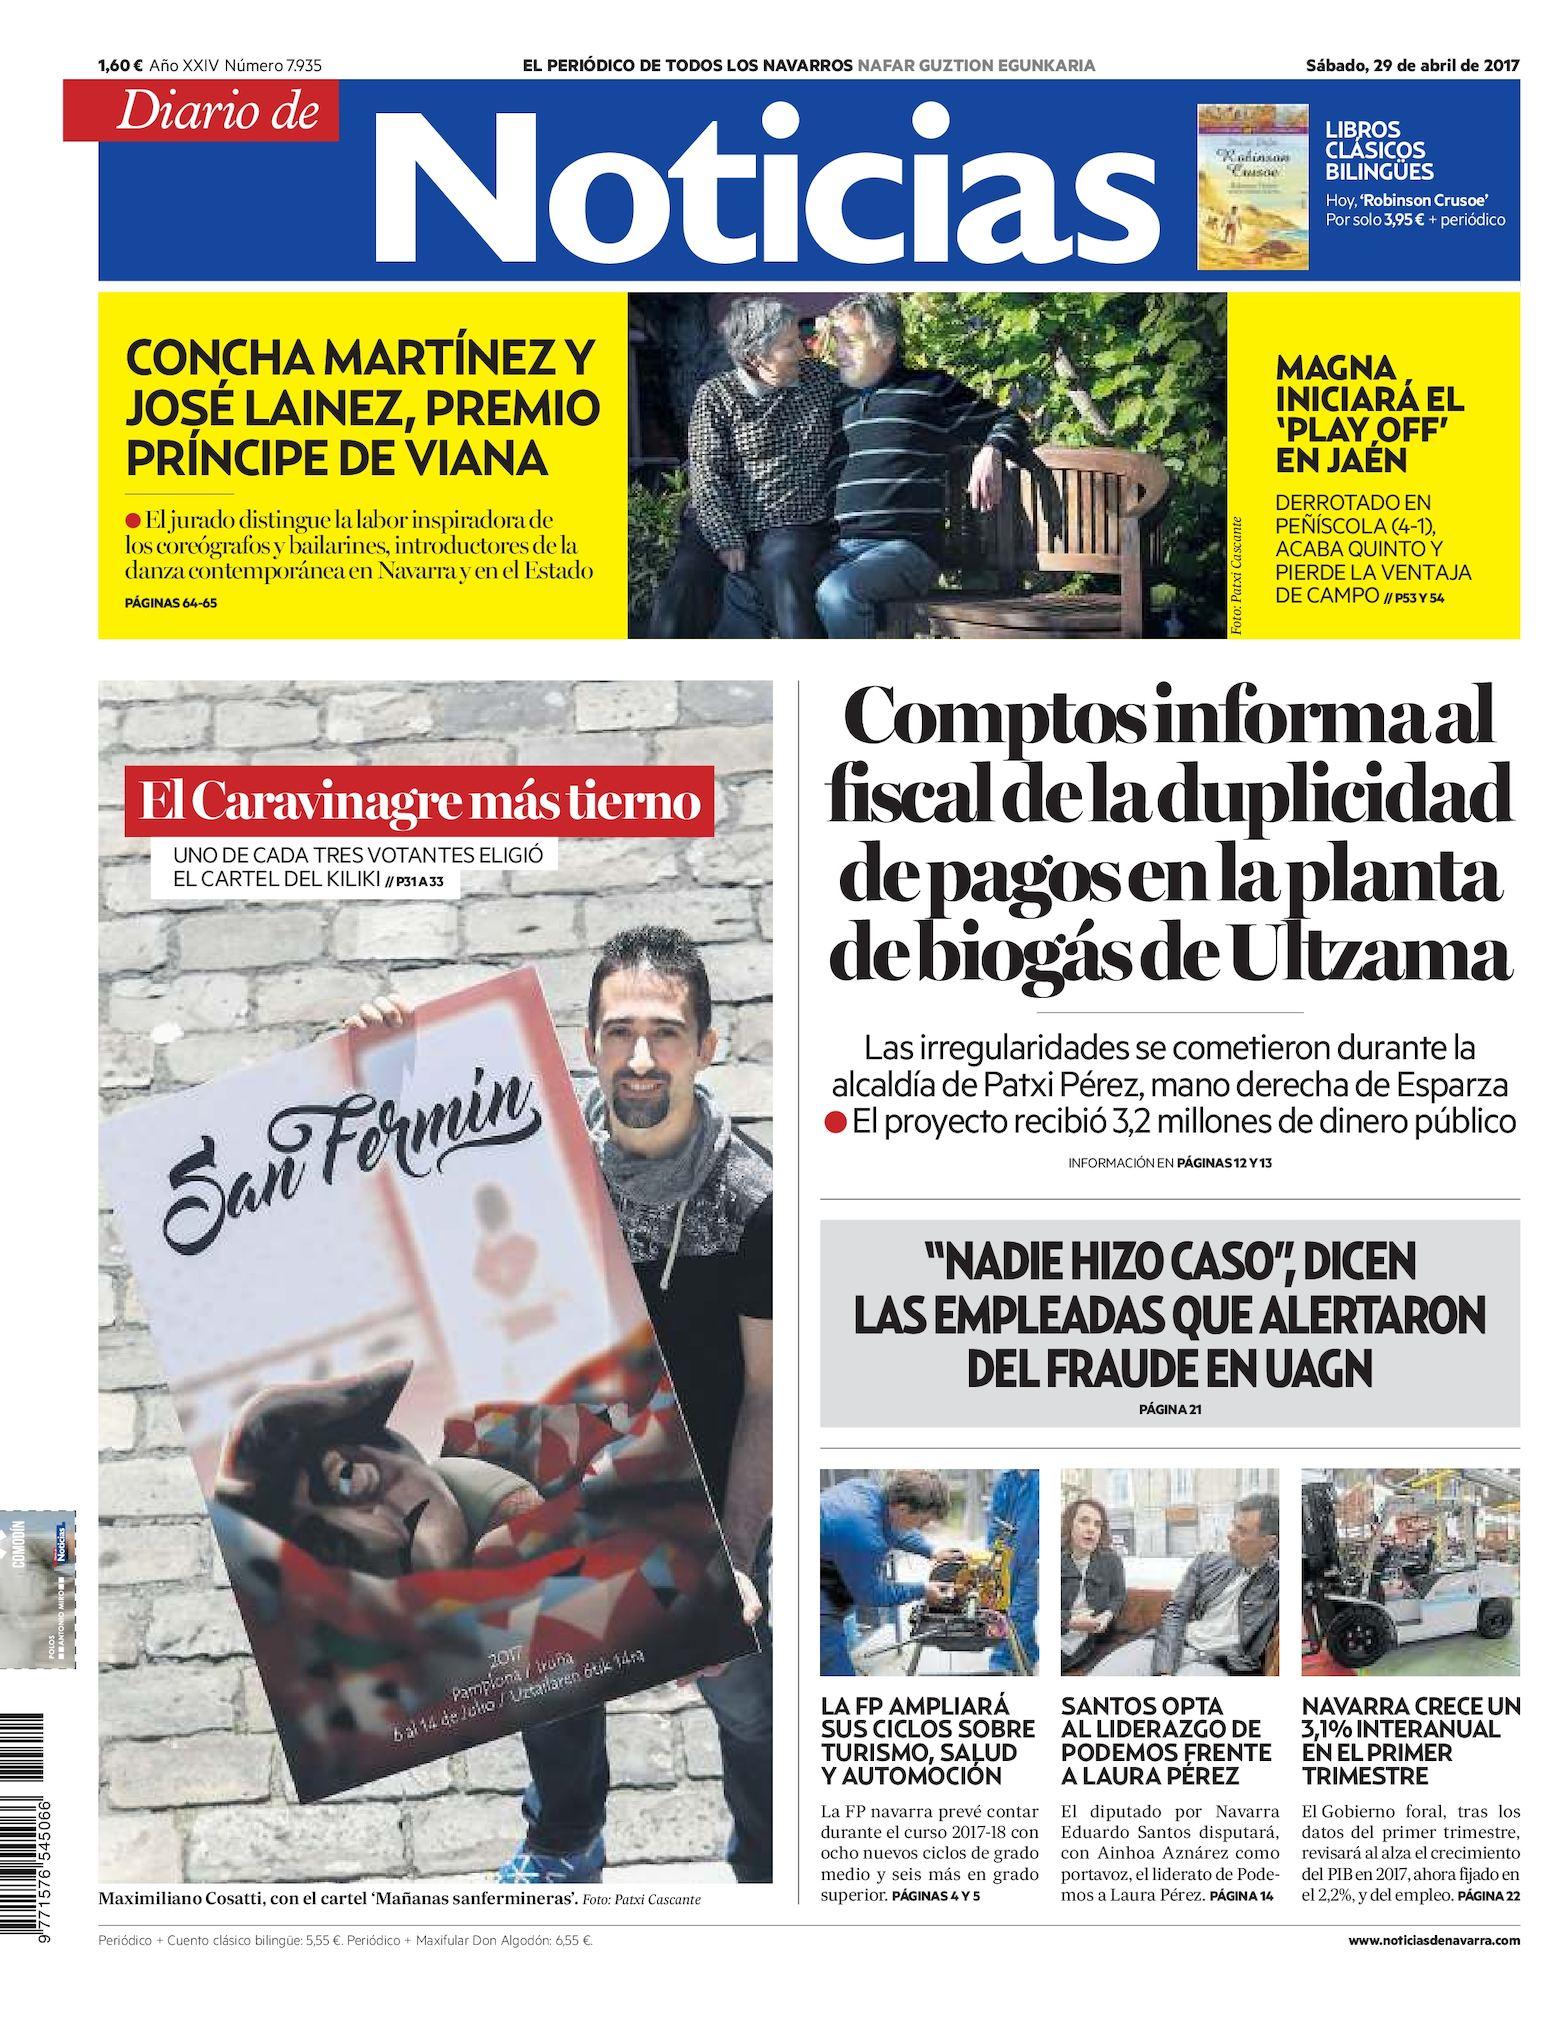 20170429 De Calaméo Diario Noticias De Noticias Calaméo Diario 8O0nwkP